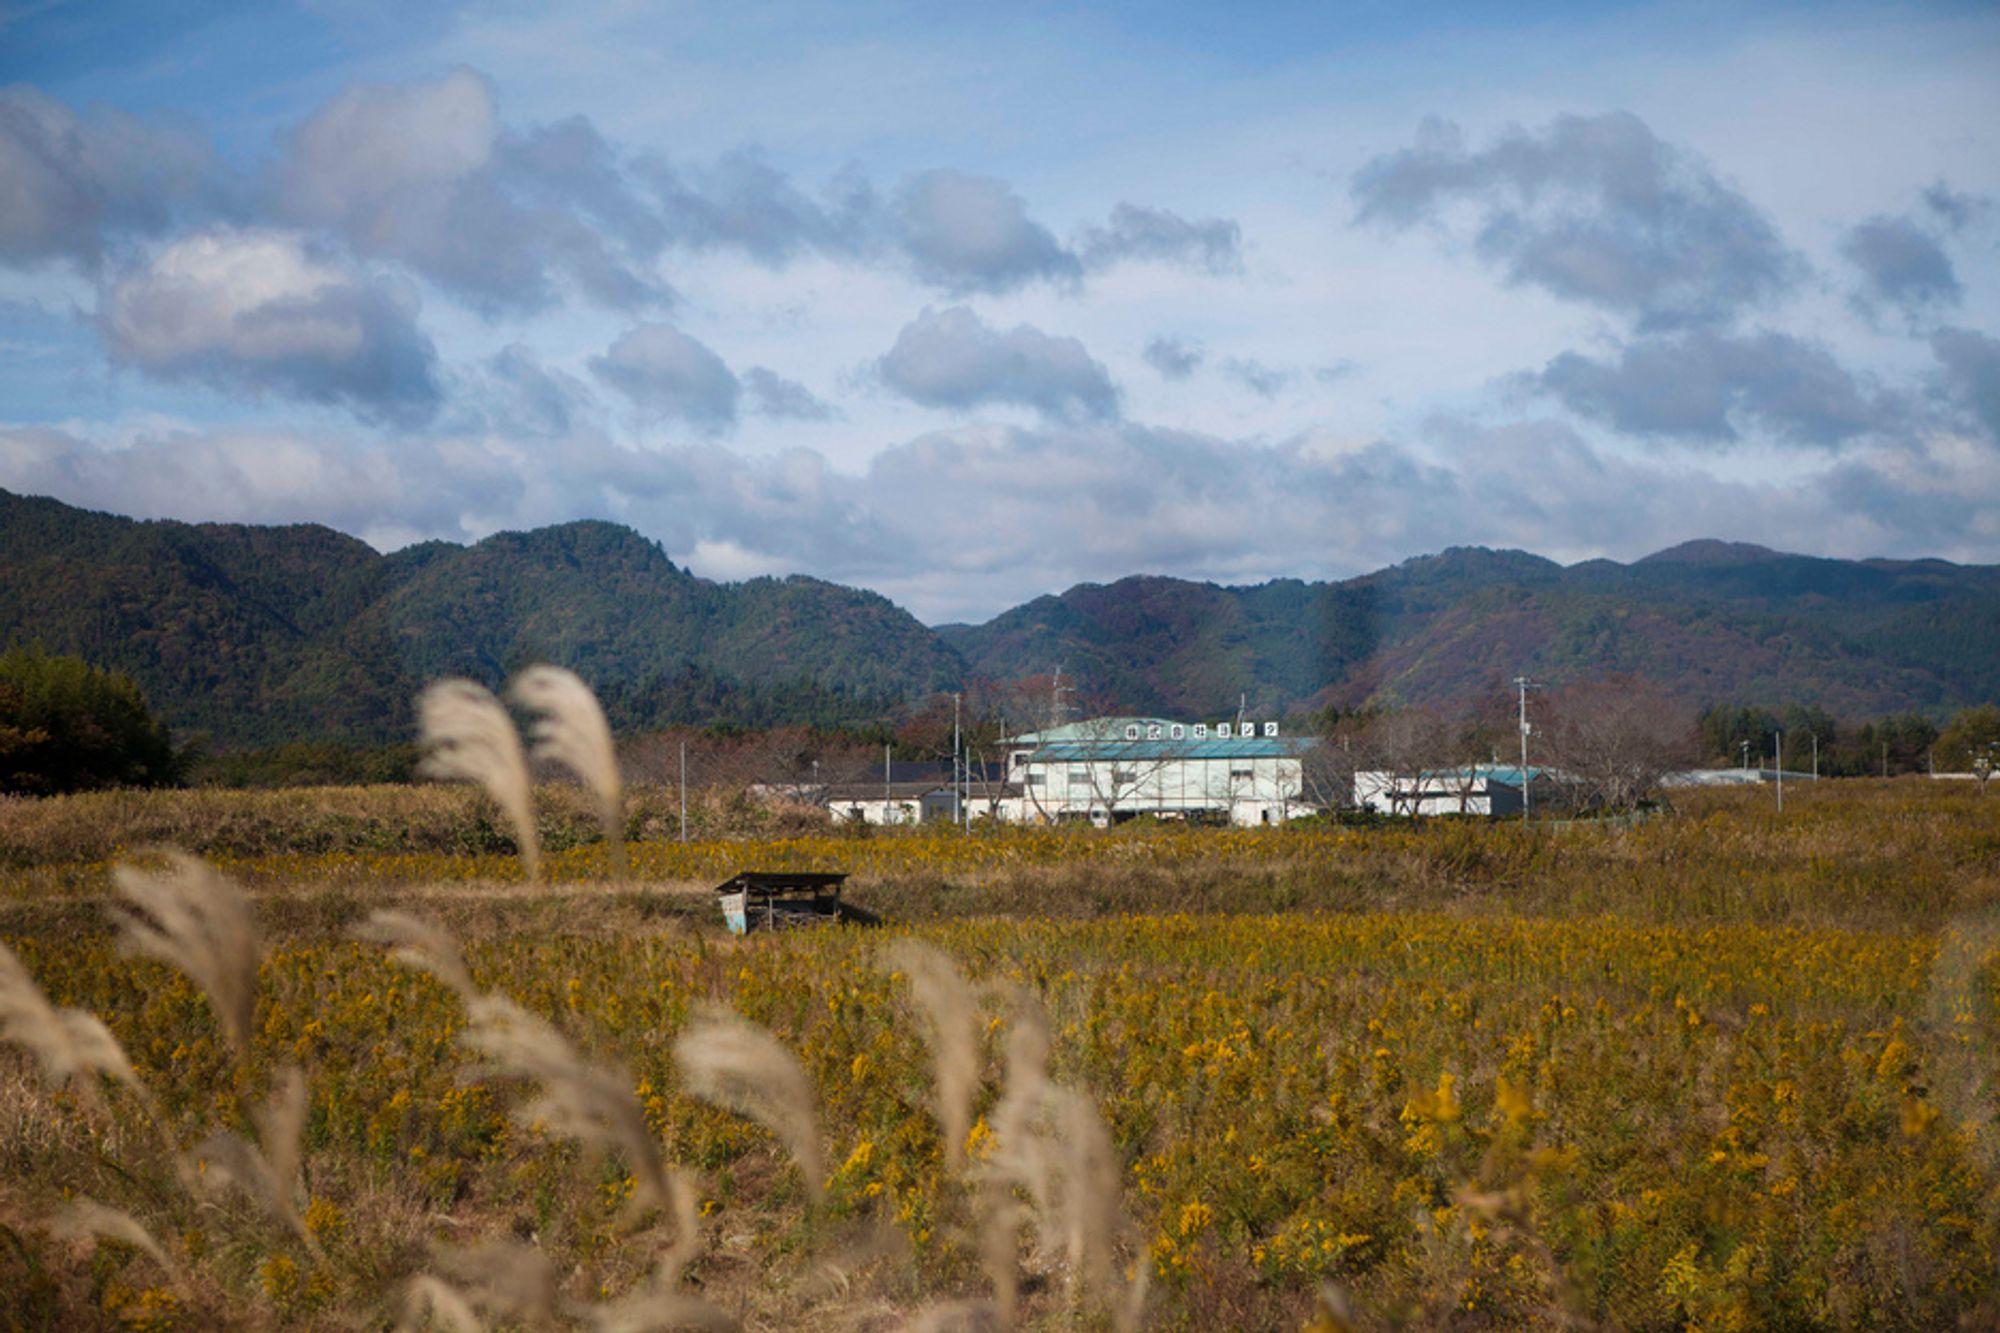 HARDT RAMMET: En åker ligger brakk i nærheten av det katastroferammede atomkraftverket Fukushima Daiichi nordøst i Japan. Store jordbruksområder i denne regionen er så sterkt forurenset av radioaktivitet, at de ikke lenger kan brukes til produksjon av matvarer, advarte fagfolk tirsdag. Regionen ble 11. mars i år rammet av et jordskjelv og en tsunami, og kraftverket fikk store skader.